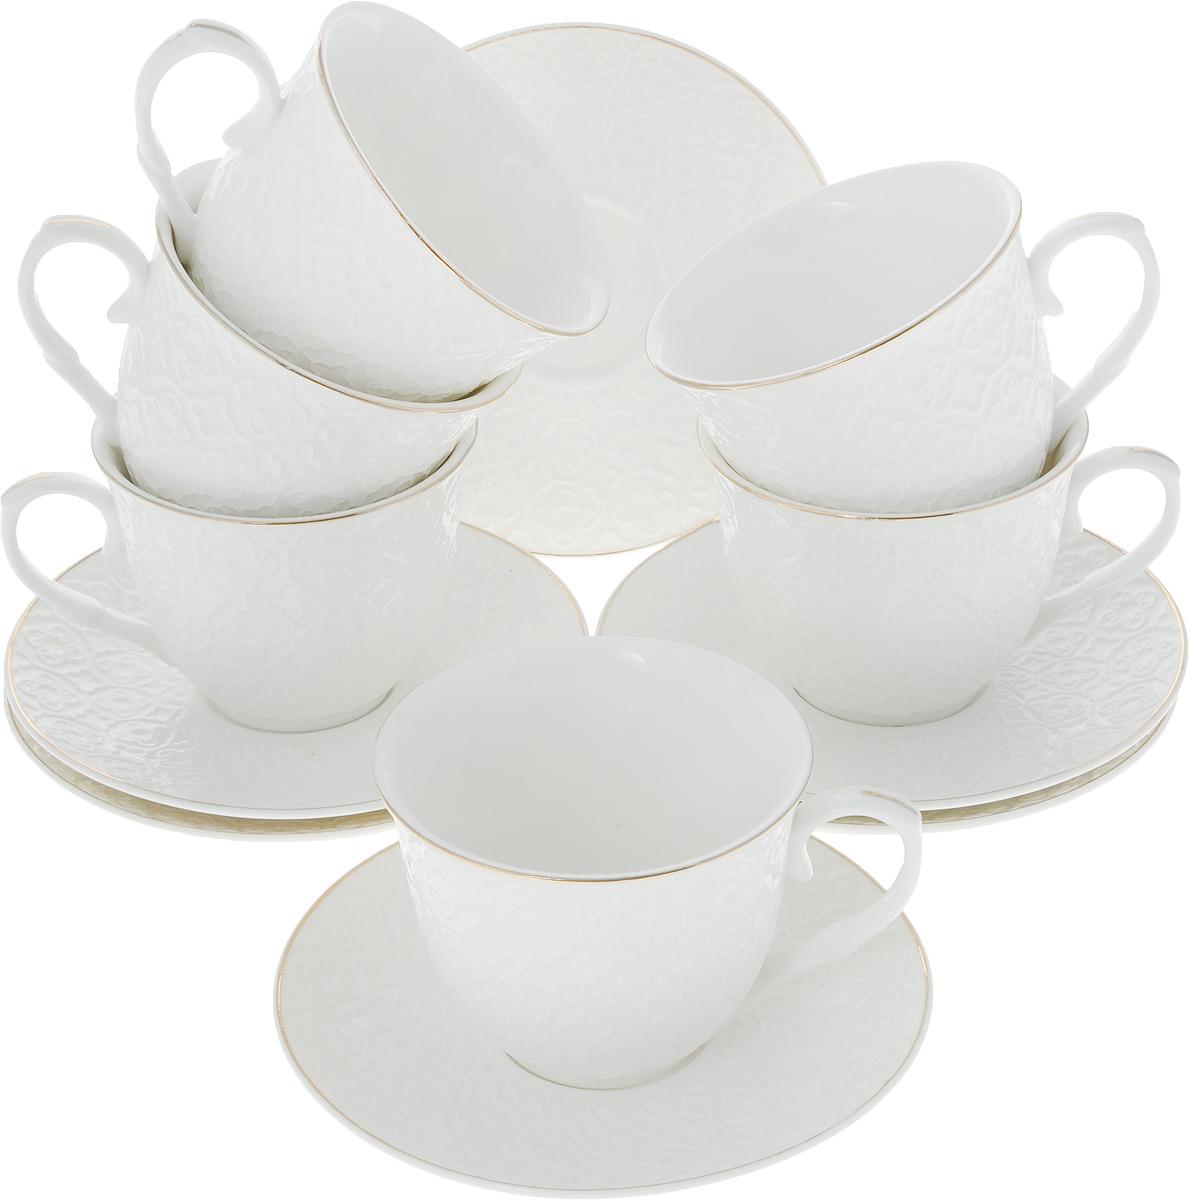 Сервиз чайный Loraine, 12 предметов. 26504 сервиз чайный loraine на подставке 13 предметов 43285